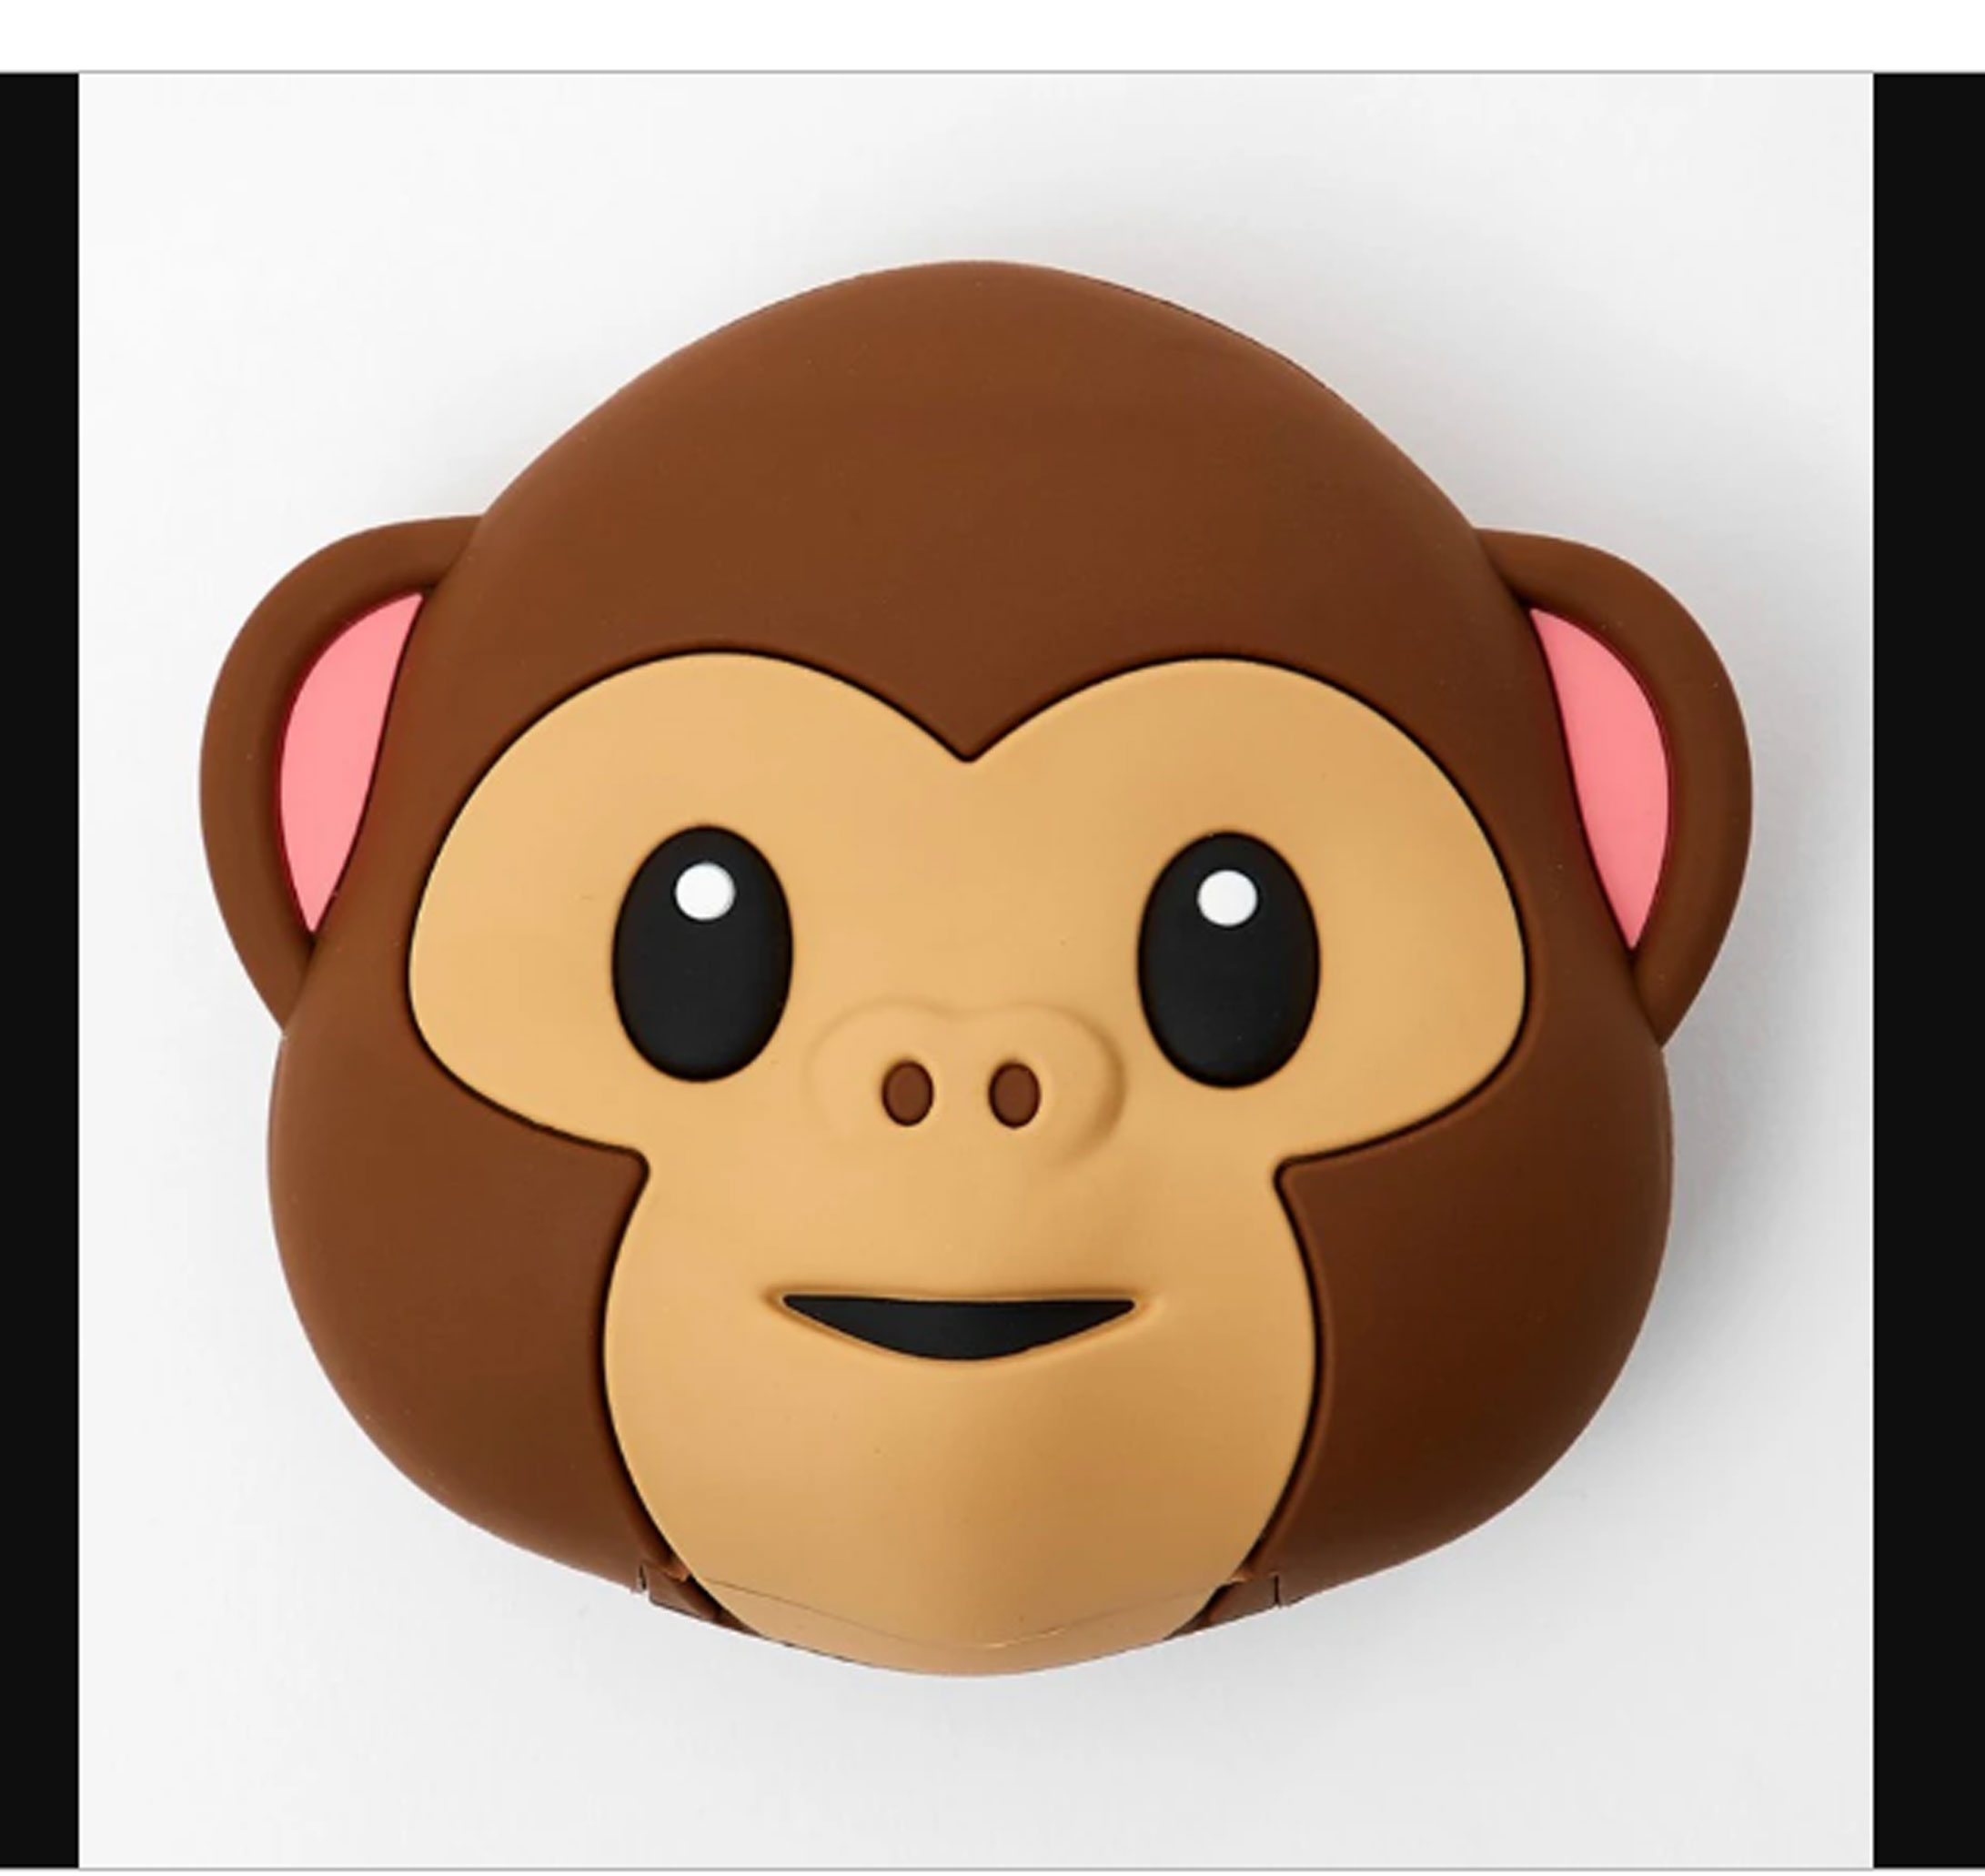 SMY027 - Monkey Cake